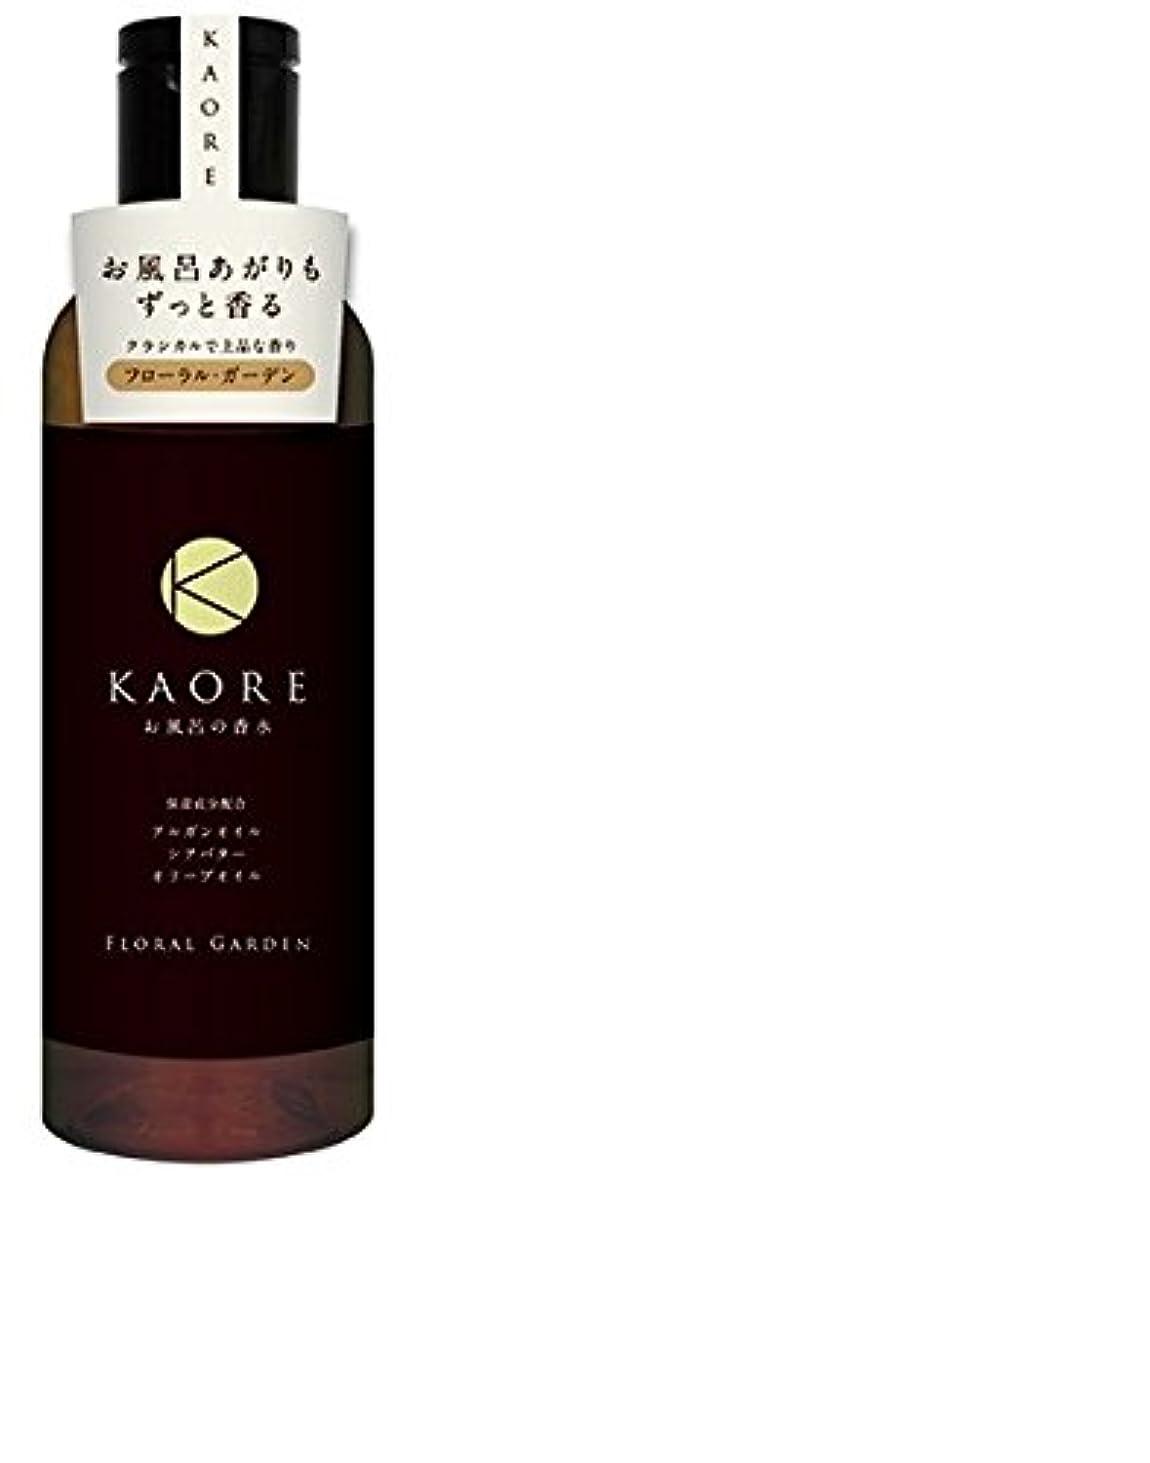 メタルライン軍笑いKAORE(カオリ) お風呂の香水 フローラルガーデン 200ml